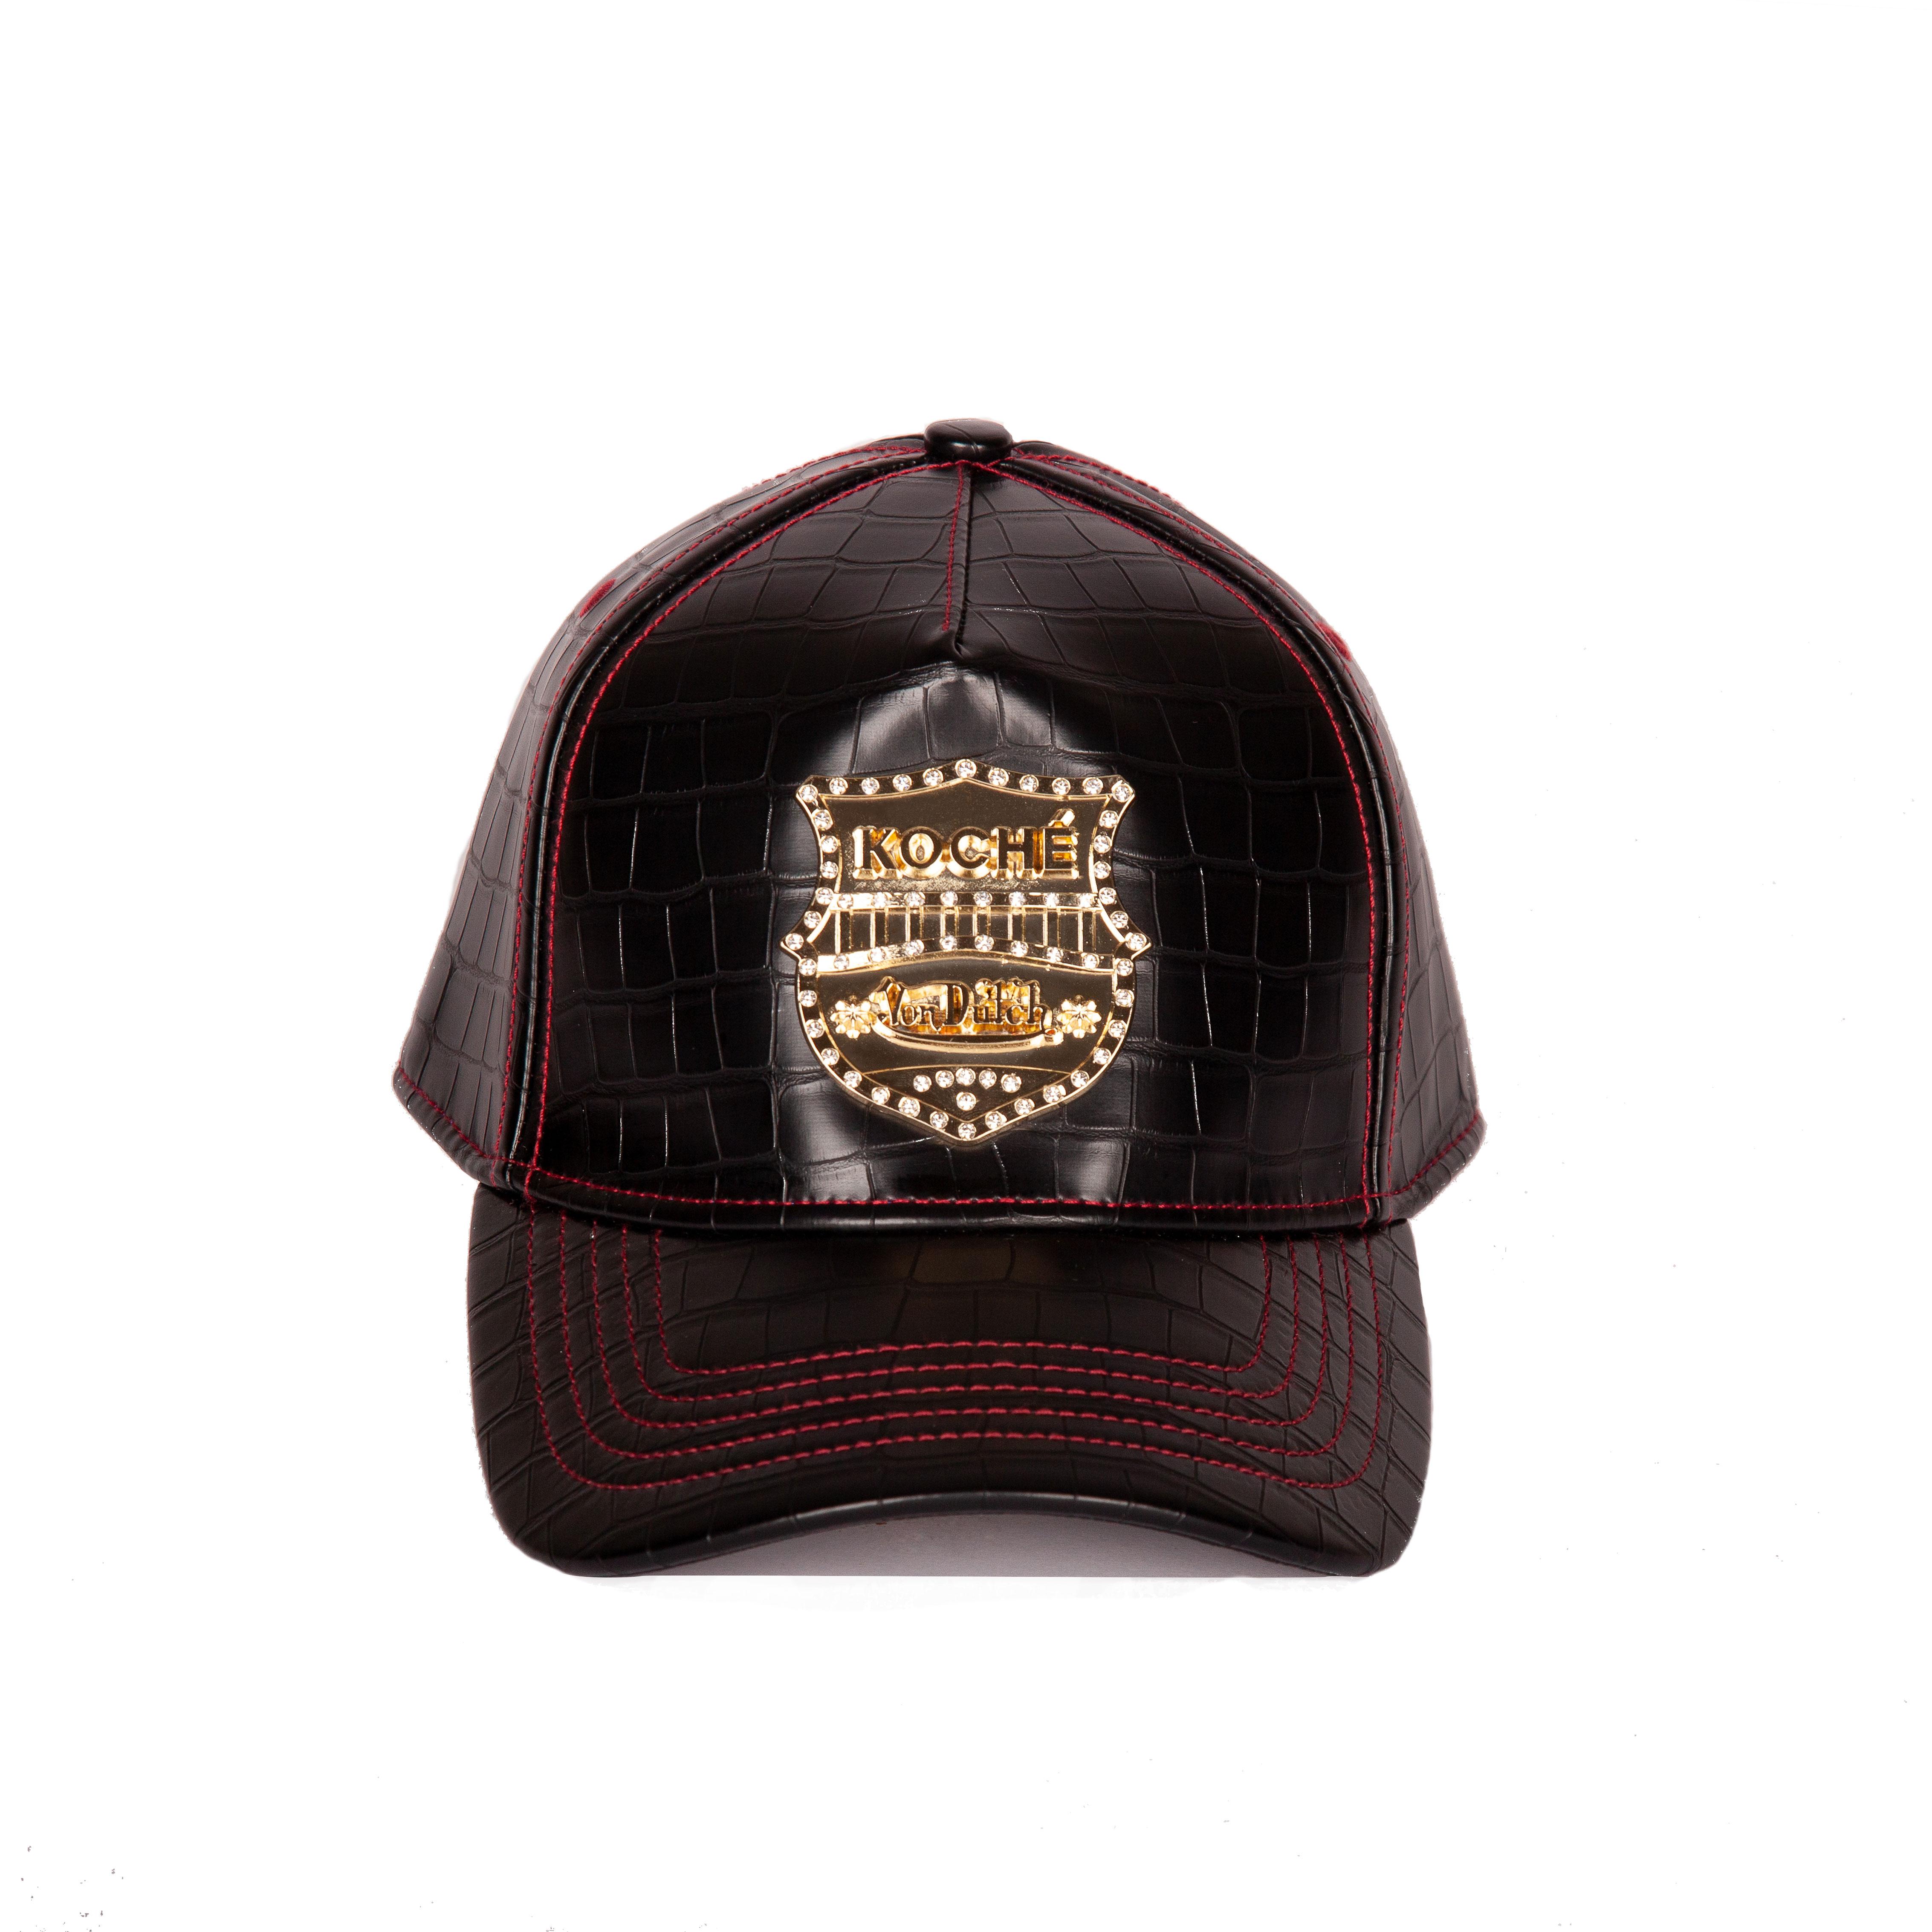 A cap from the Koché X Von Dutch capsule